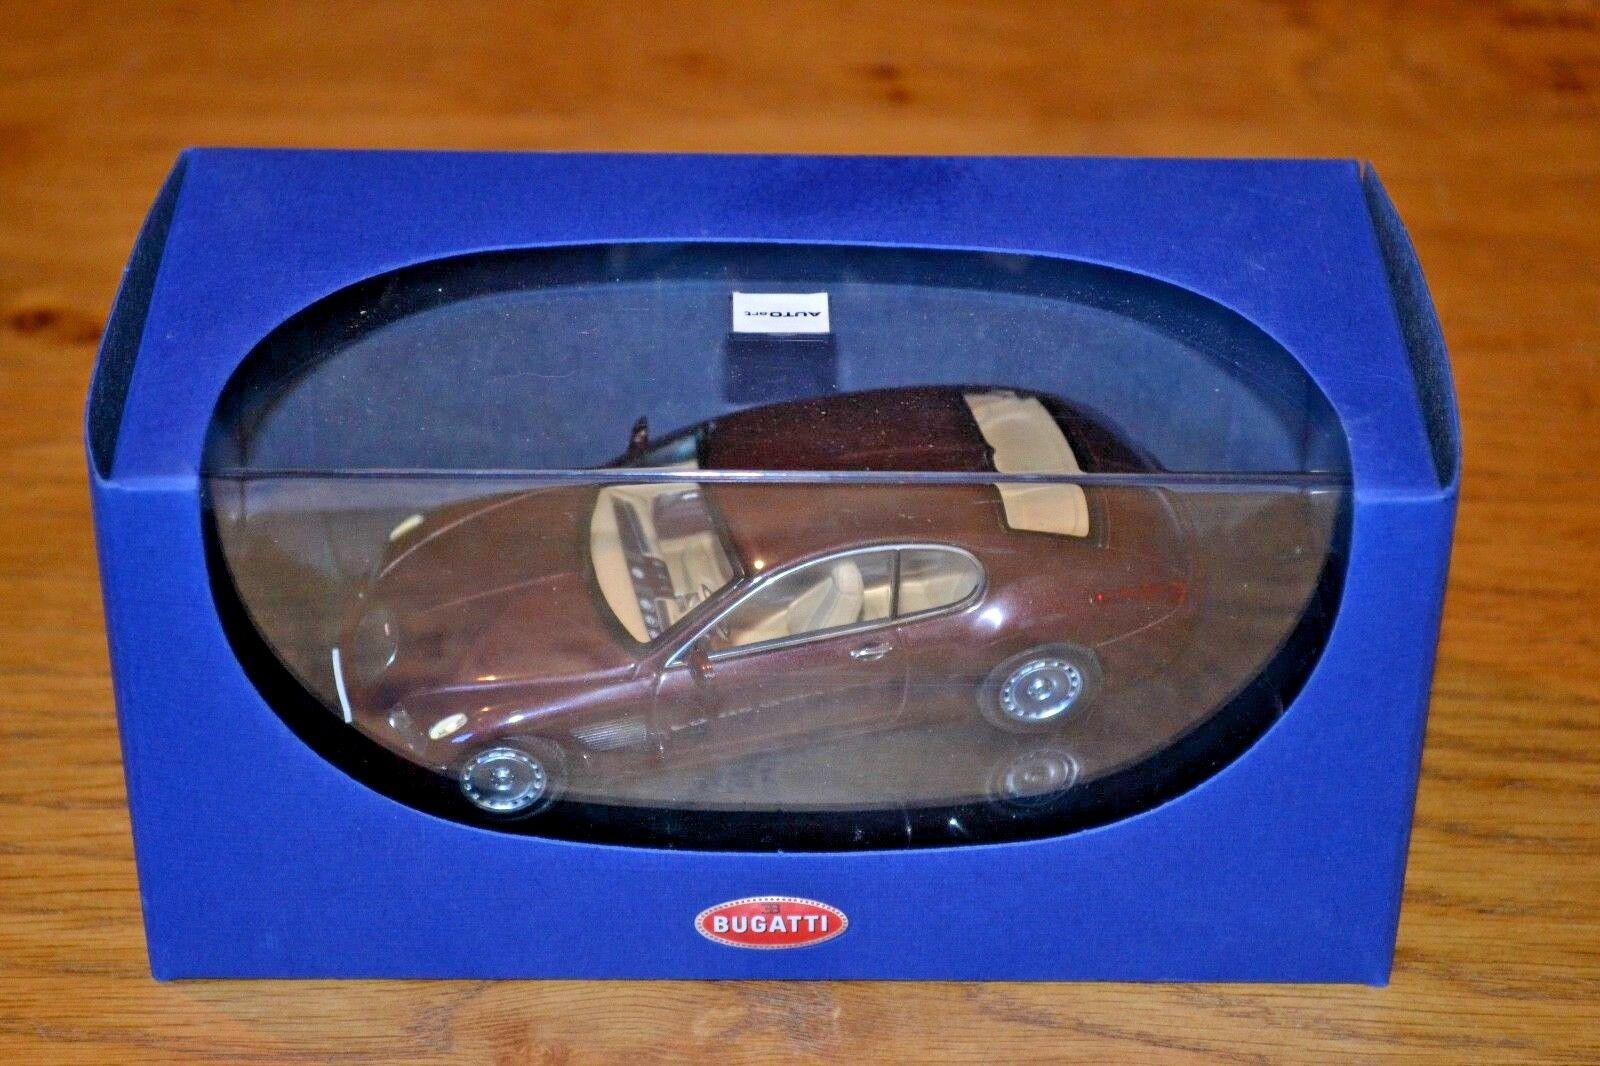 Autoart 1   43 bugatti eb118 genf 2000 dark rot metallic, fast wie neu